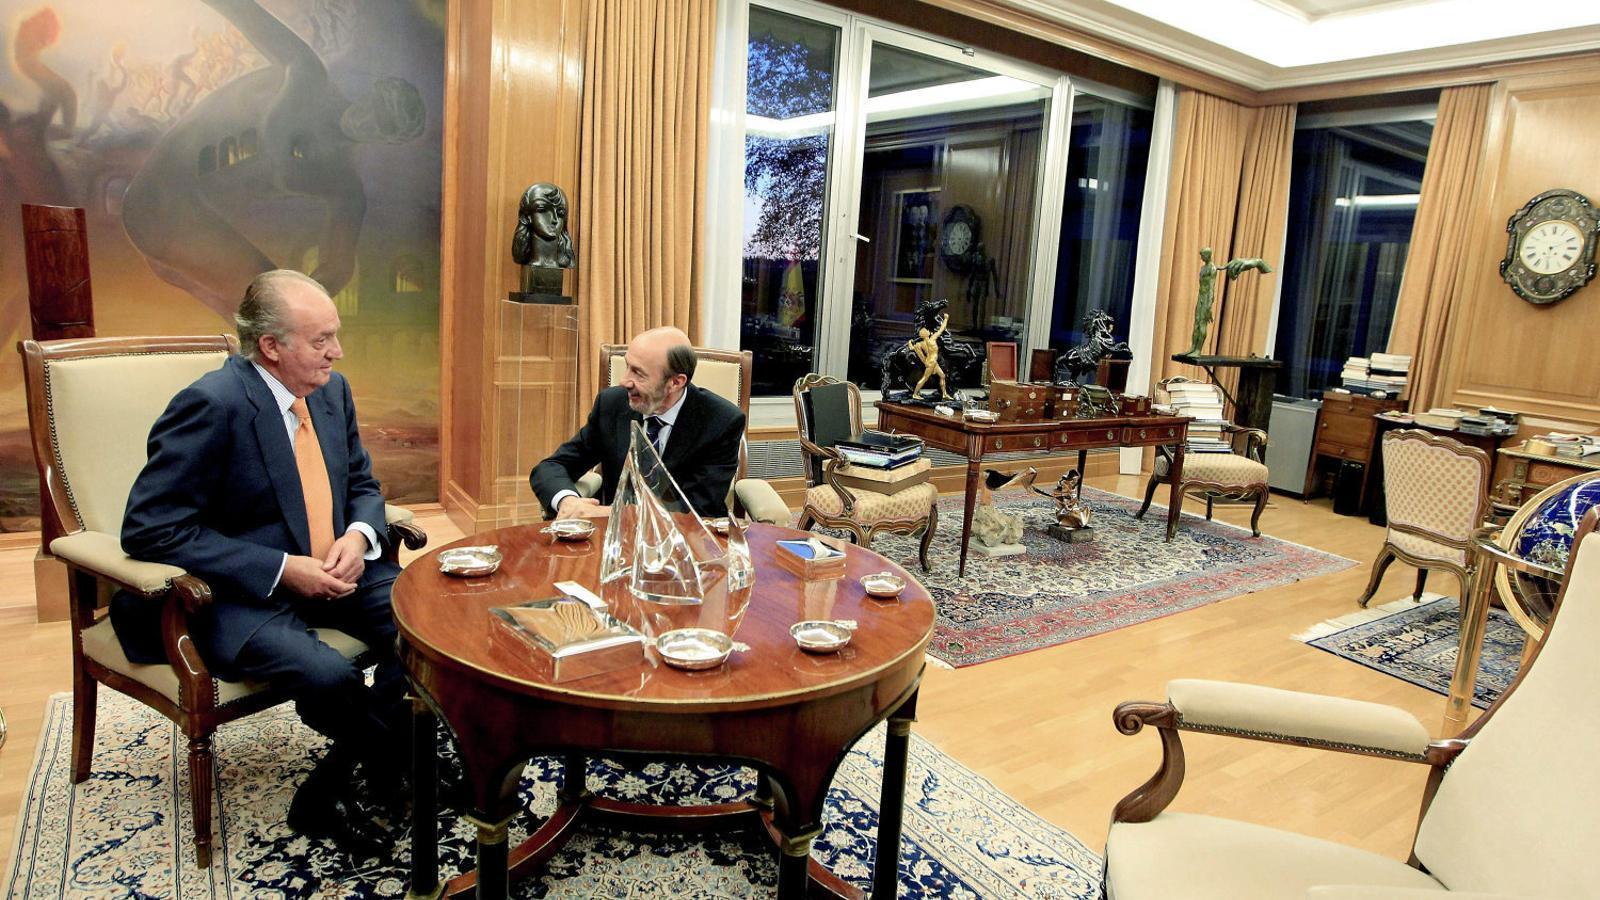 Audiència de Joan Carles I amb Rubalcaba en la ronda de consultes prèvia a la investidura de Rajoy del 2011.